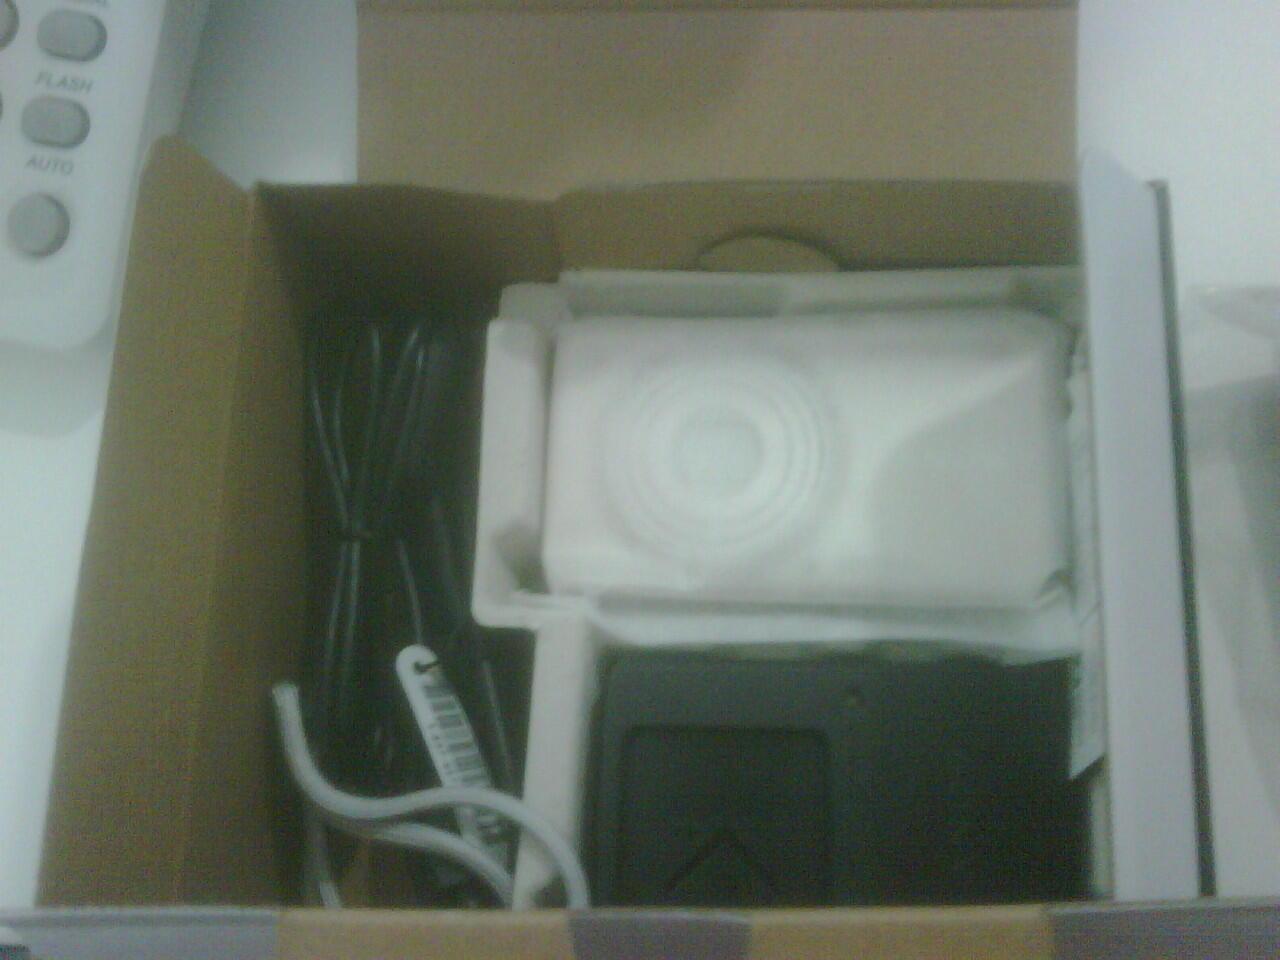 Camera Digital Sony DSC-W630 16MP, New.....